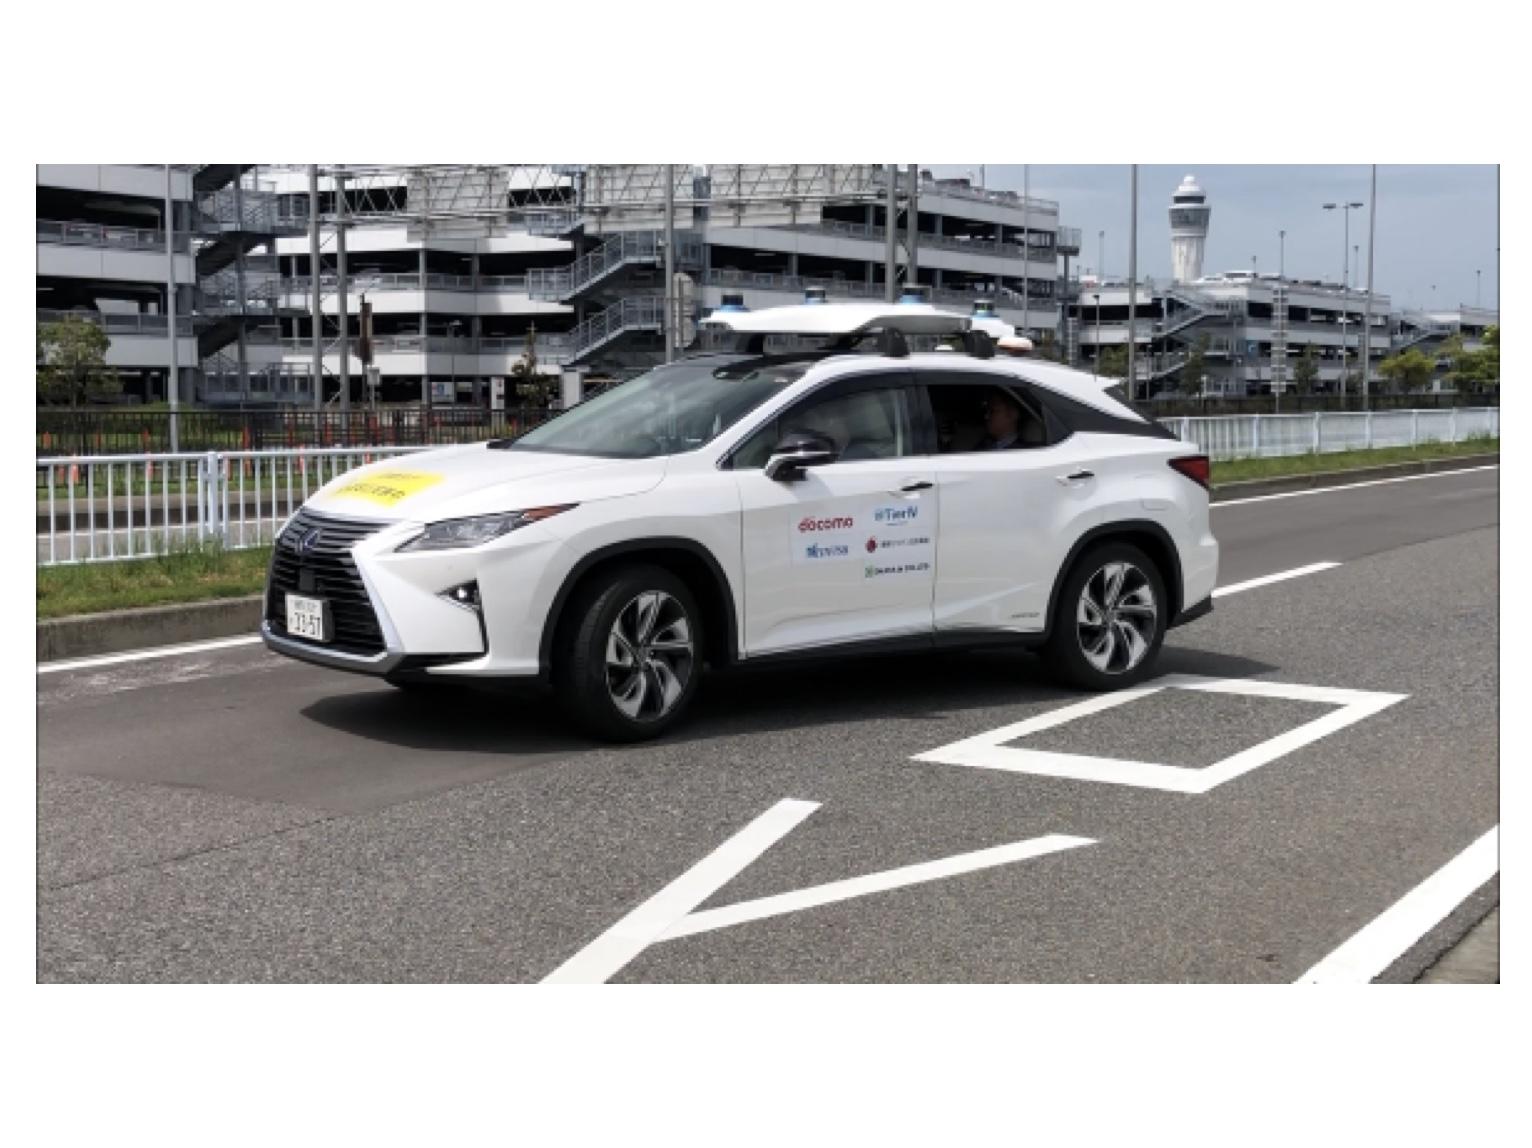 官民学5者が連携、愛知県海部郡飛島村にて自動運転技術を活用したモビリティサービス実用化の実証実験を開始